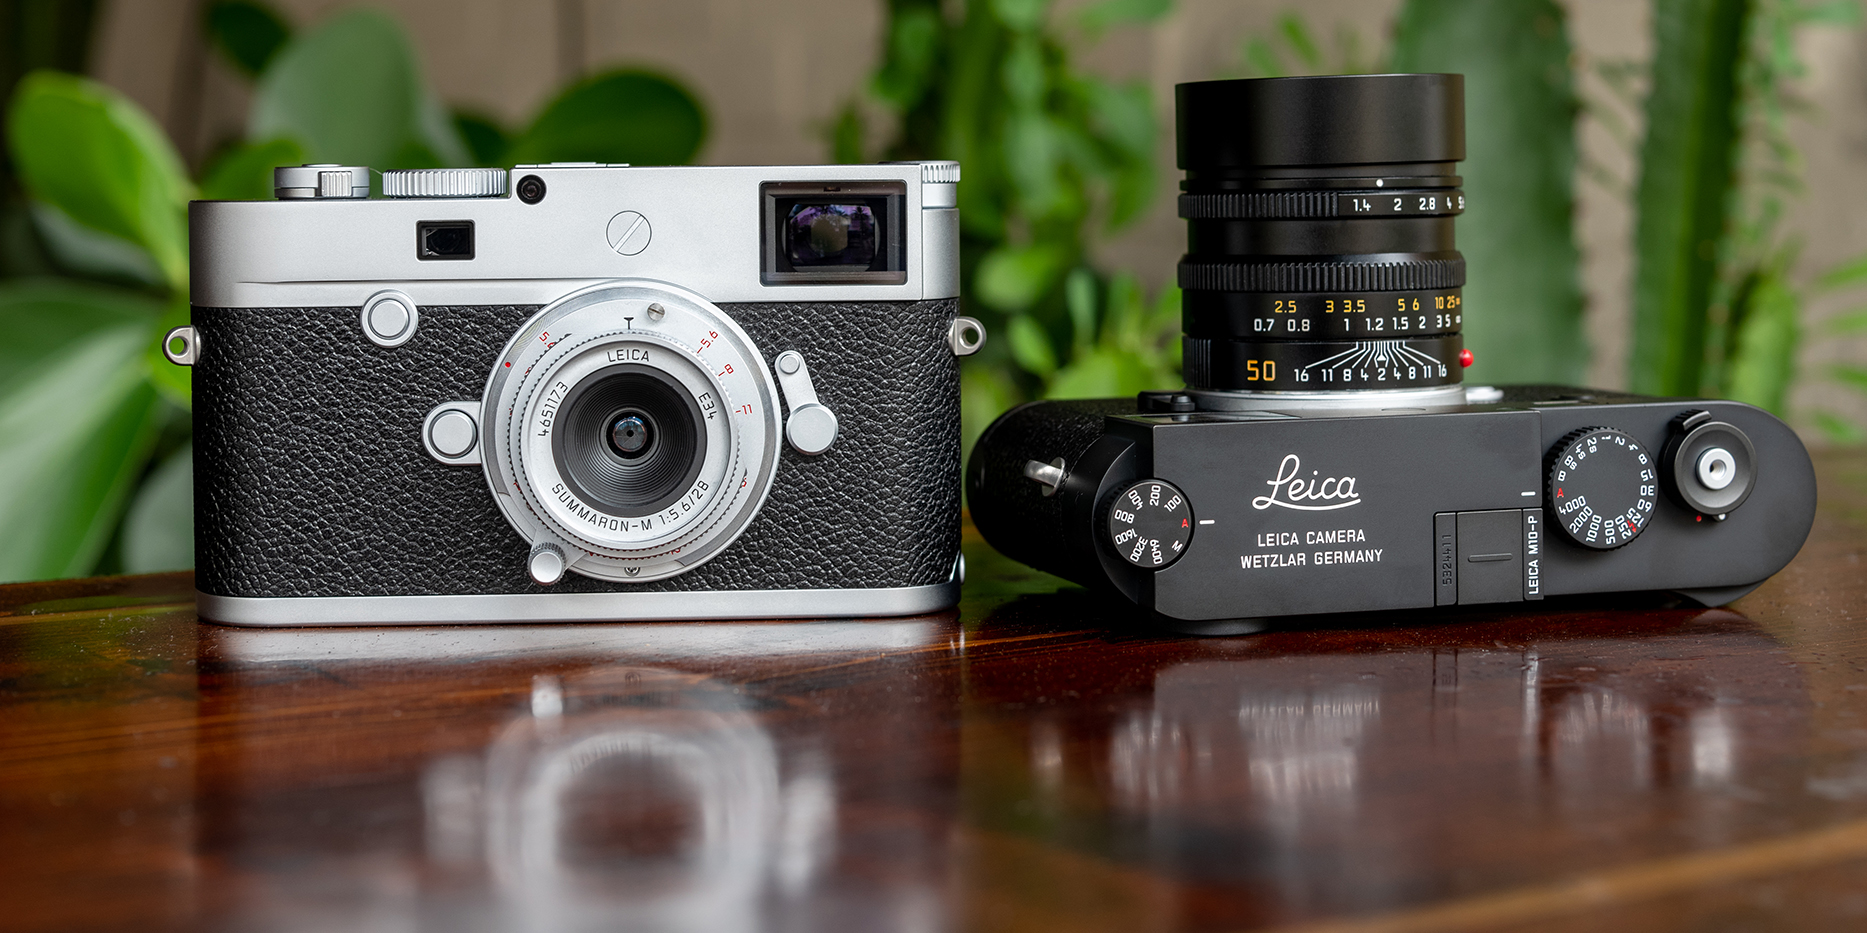 Leica M10-P: Nearly Silent Shutter, Touchscreen   Red Dot Forum